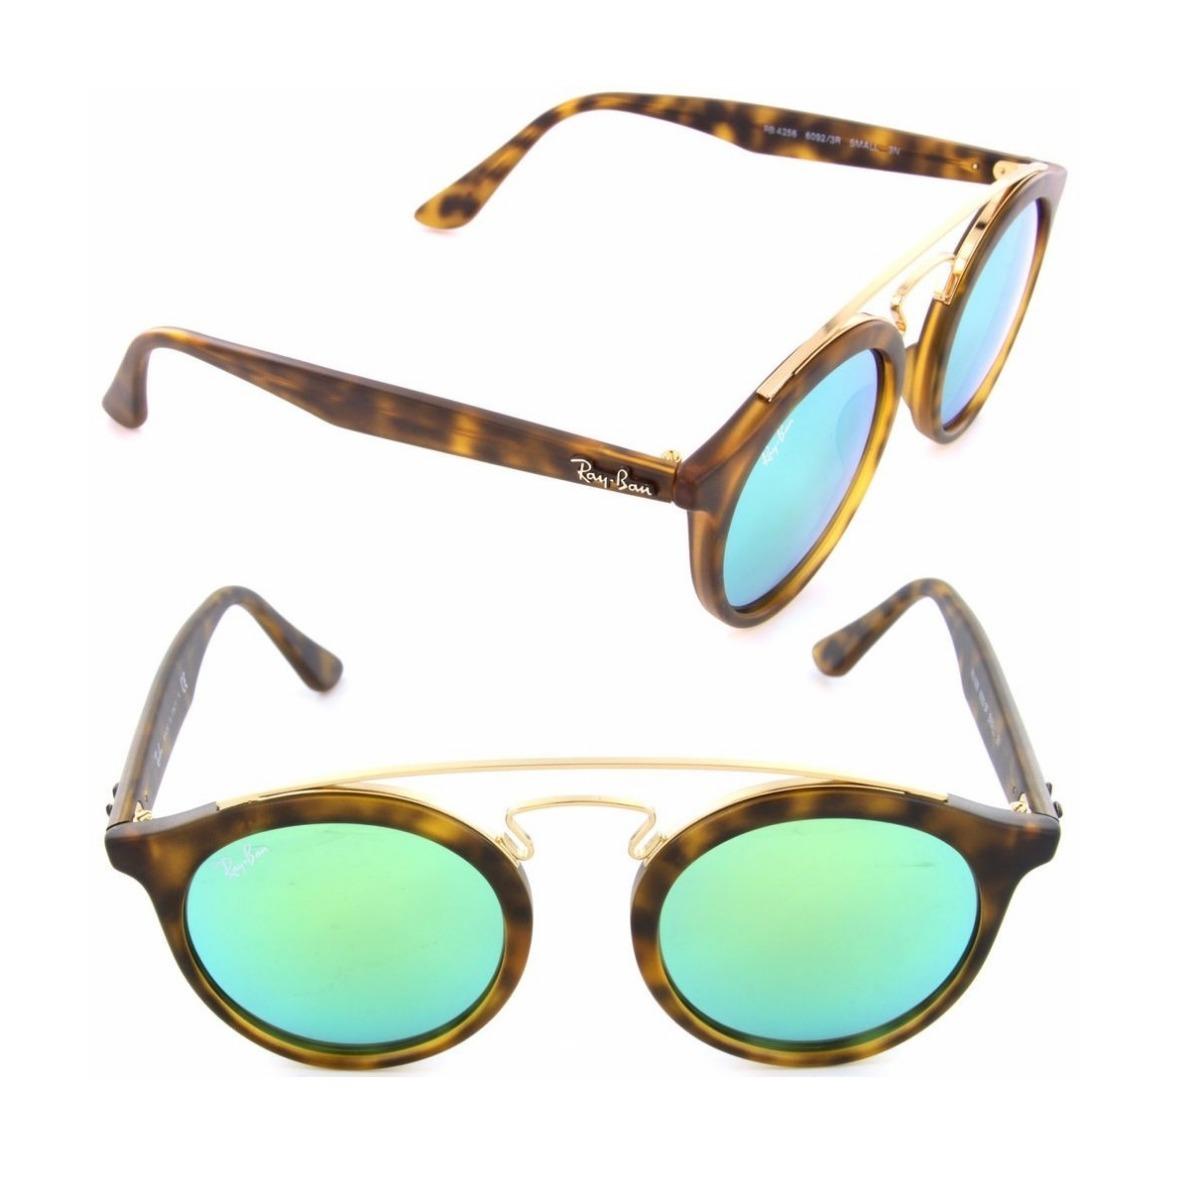 c575e2fb23c08 gafas ray ban gatsby carey verde espejado precio promocion. Cargando zoom.